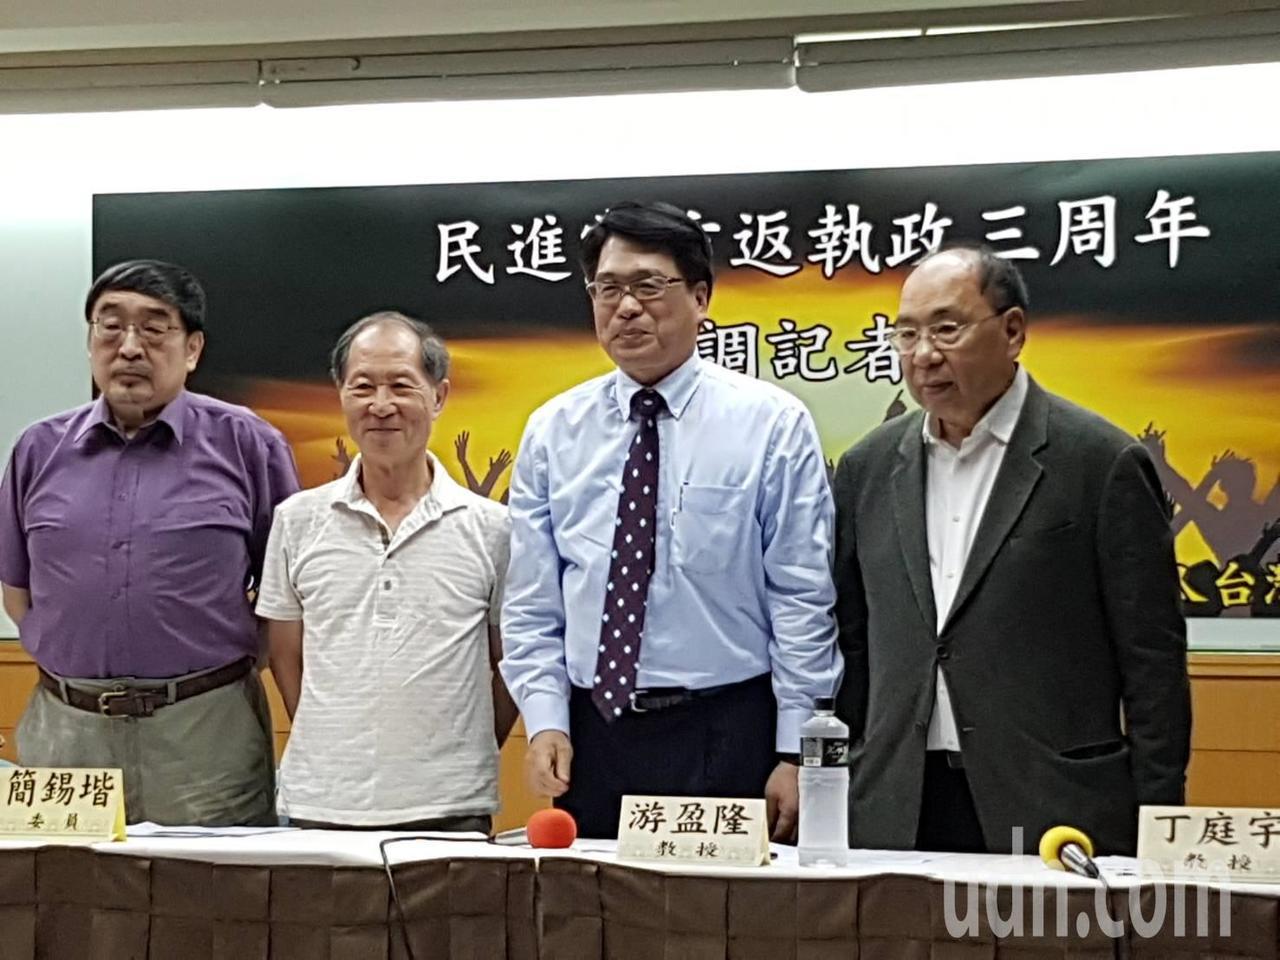 財團法人台灣民意基金會今天公布「民進黨重返執政三週年」最新民調。東華大學民族事務...